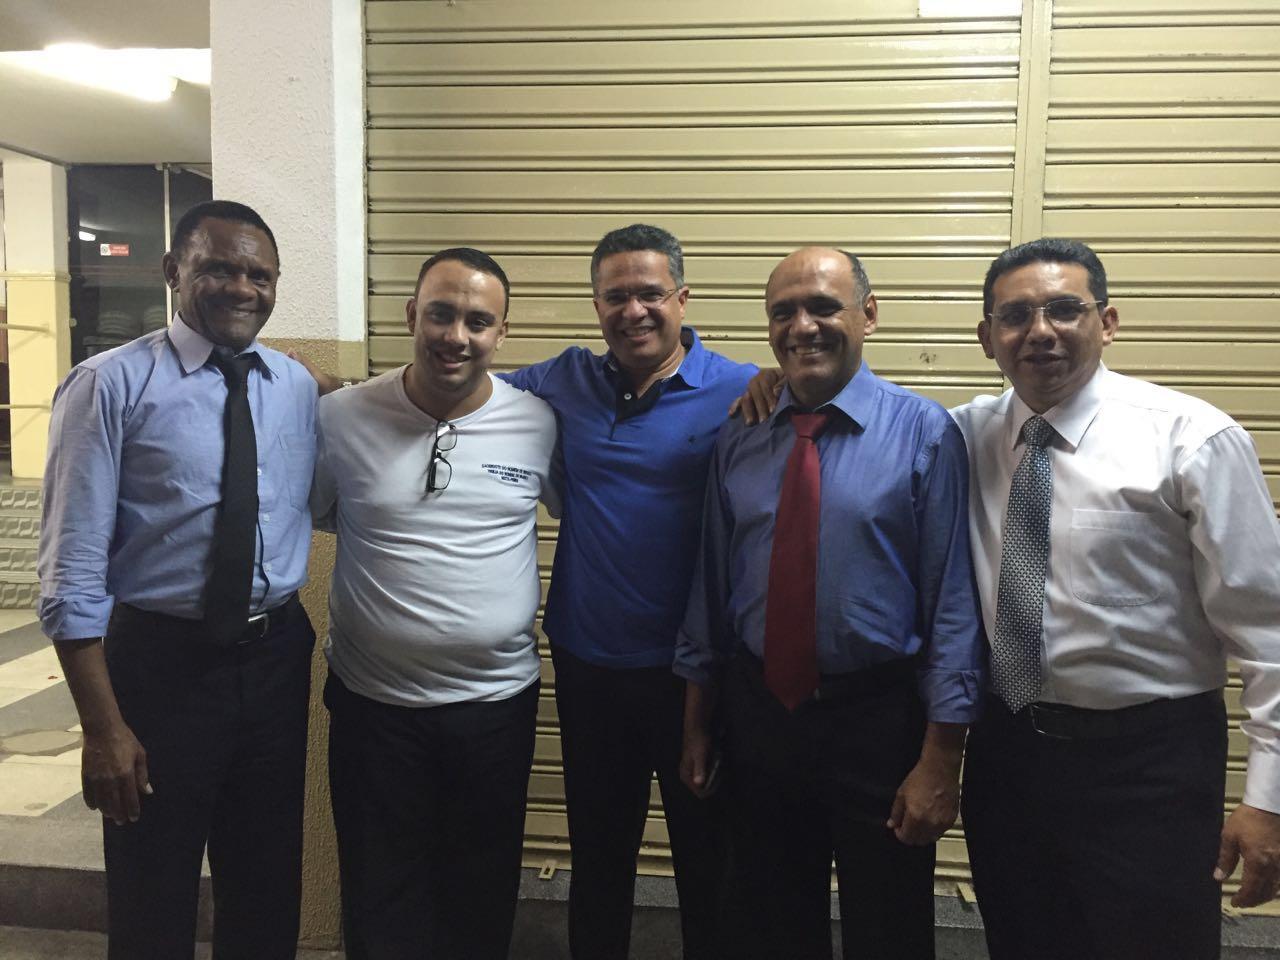 Caruaru – Bispo Ossesio participa de Concentração de Fé na capital do Agreste pernambucano